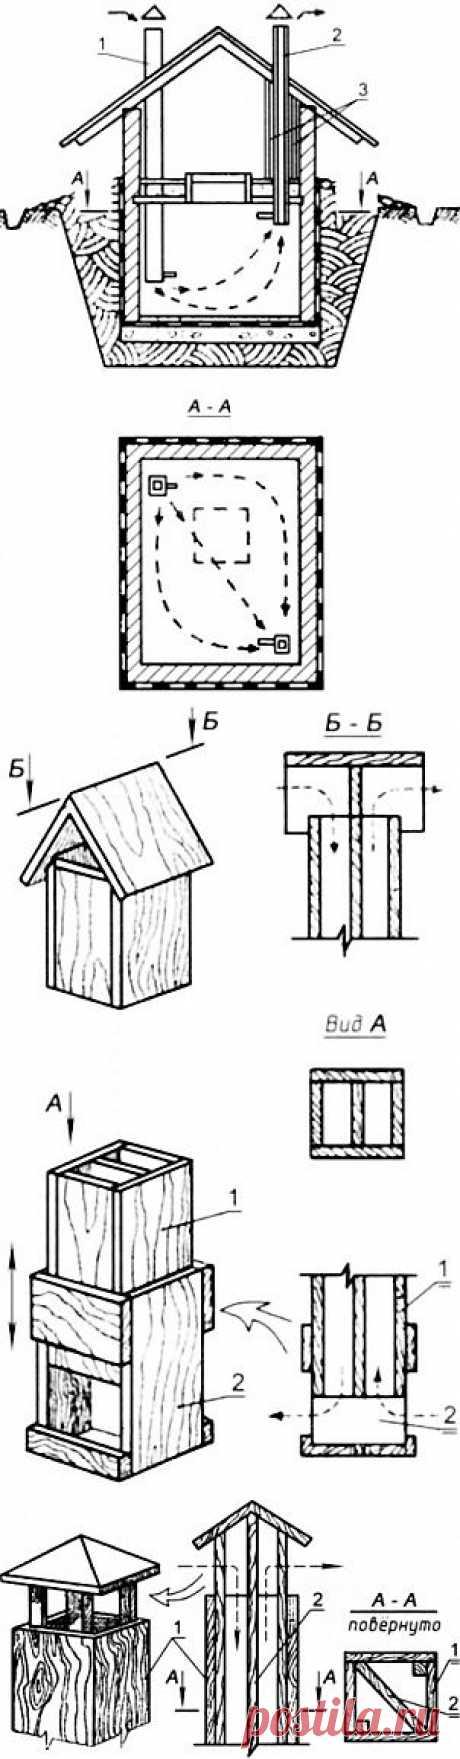 Как сделать вытяжку в погребе » Подсобка.com - как построить дом и сделать в нем ремонт